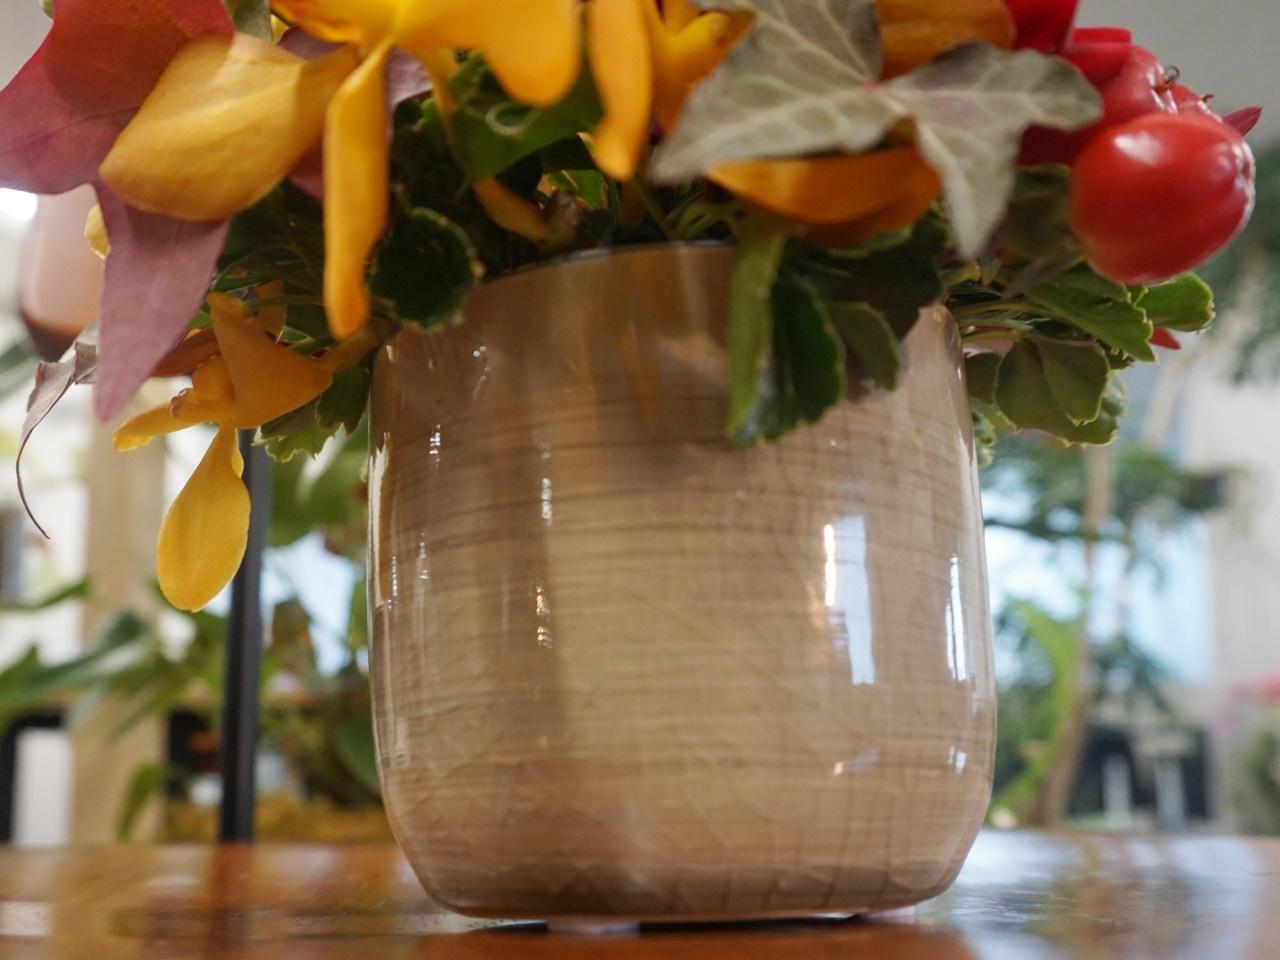 敬老の日 とらや「小形羊羹5本入」とアレンジメントのセットの花瓶